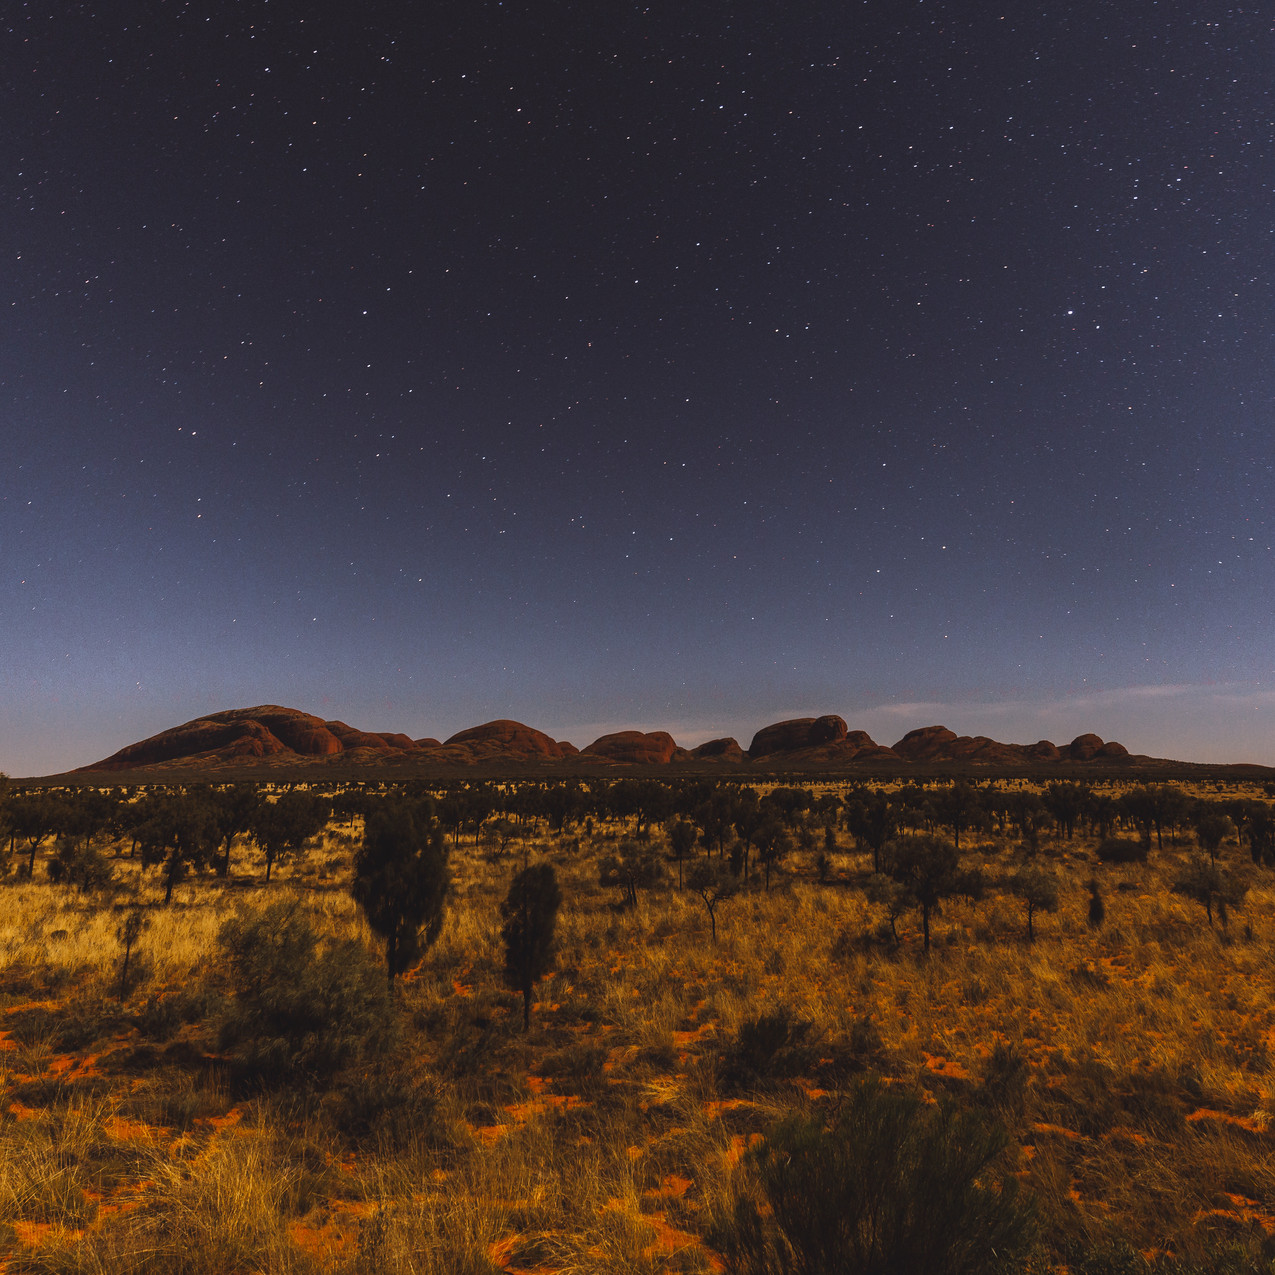 Night sky over Kata Tjuta